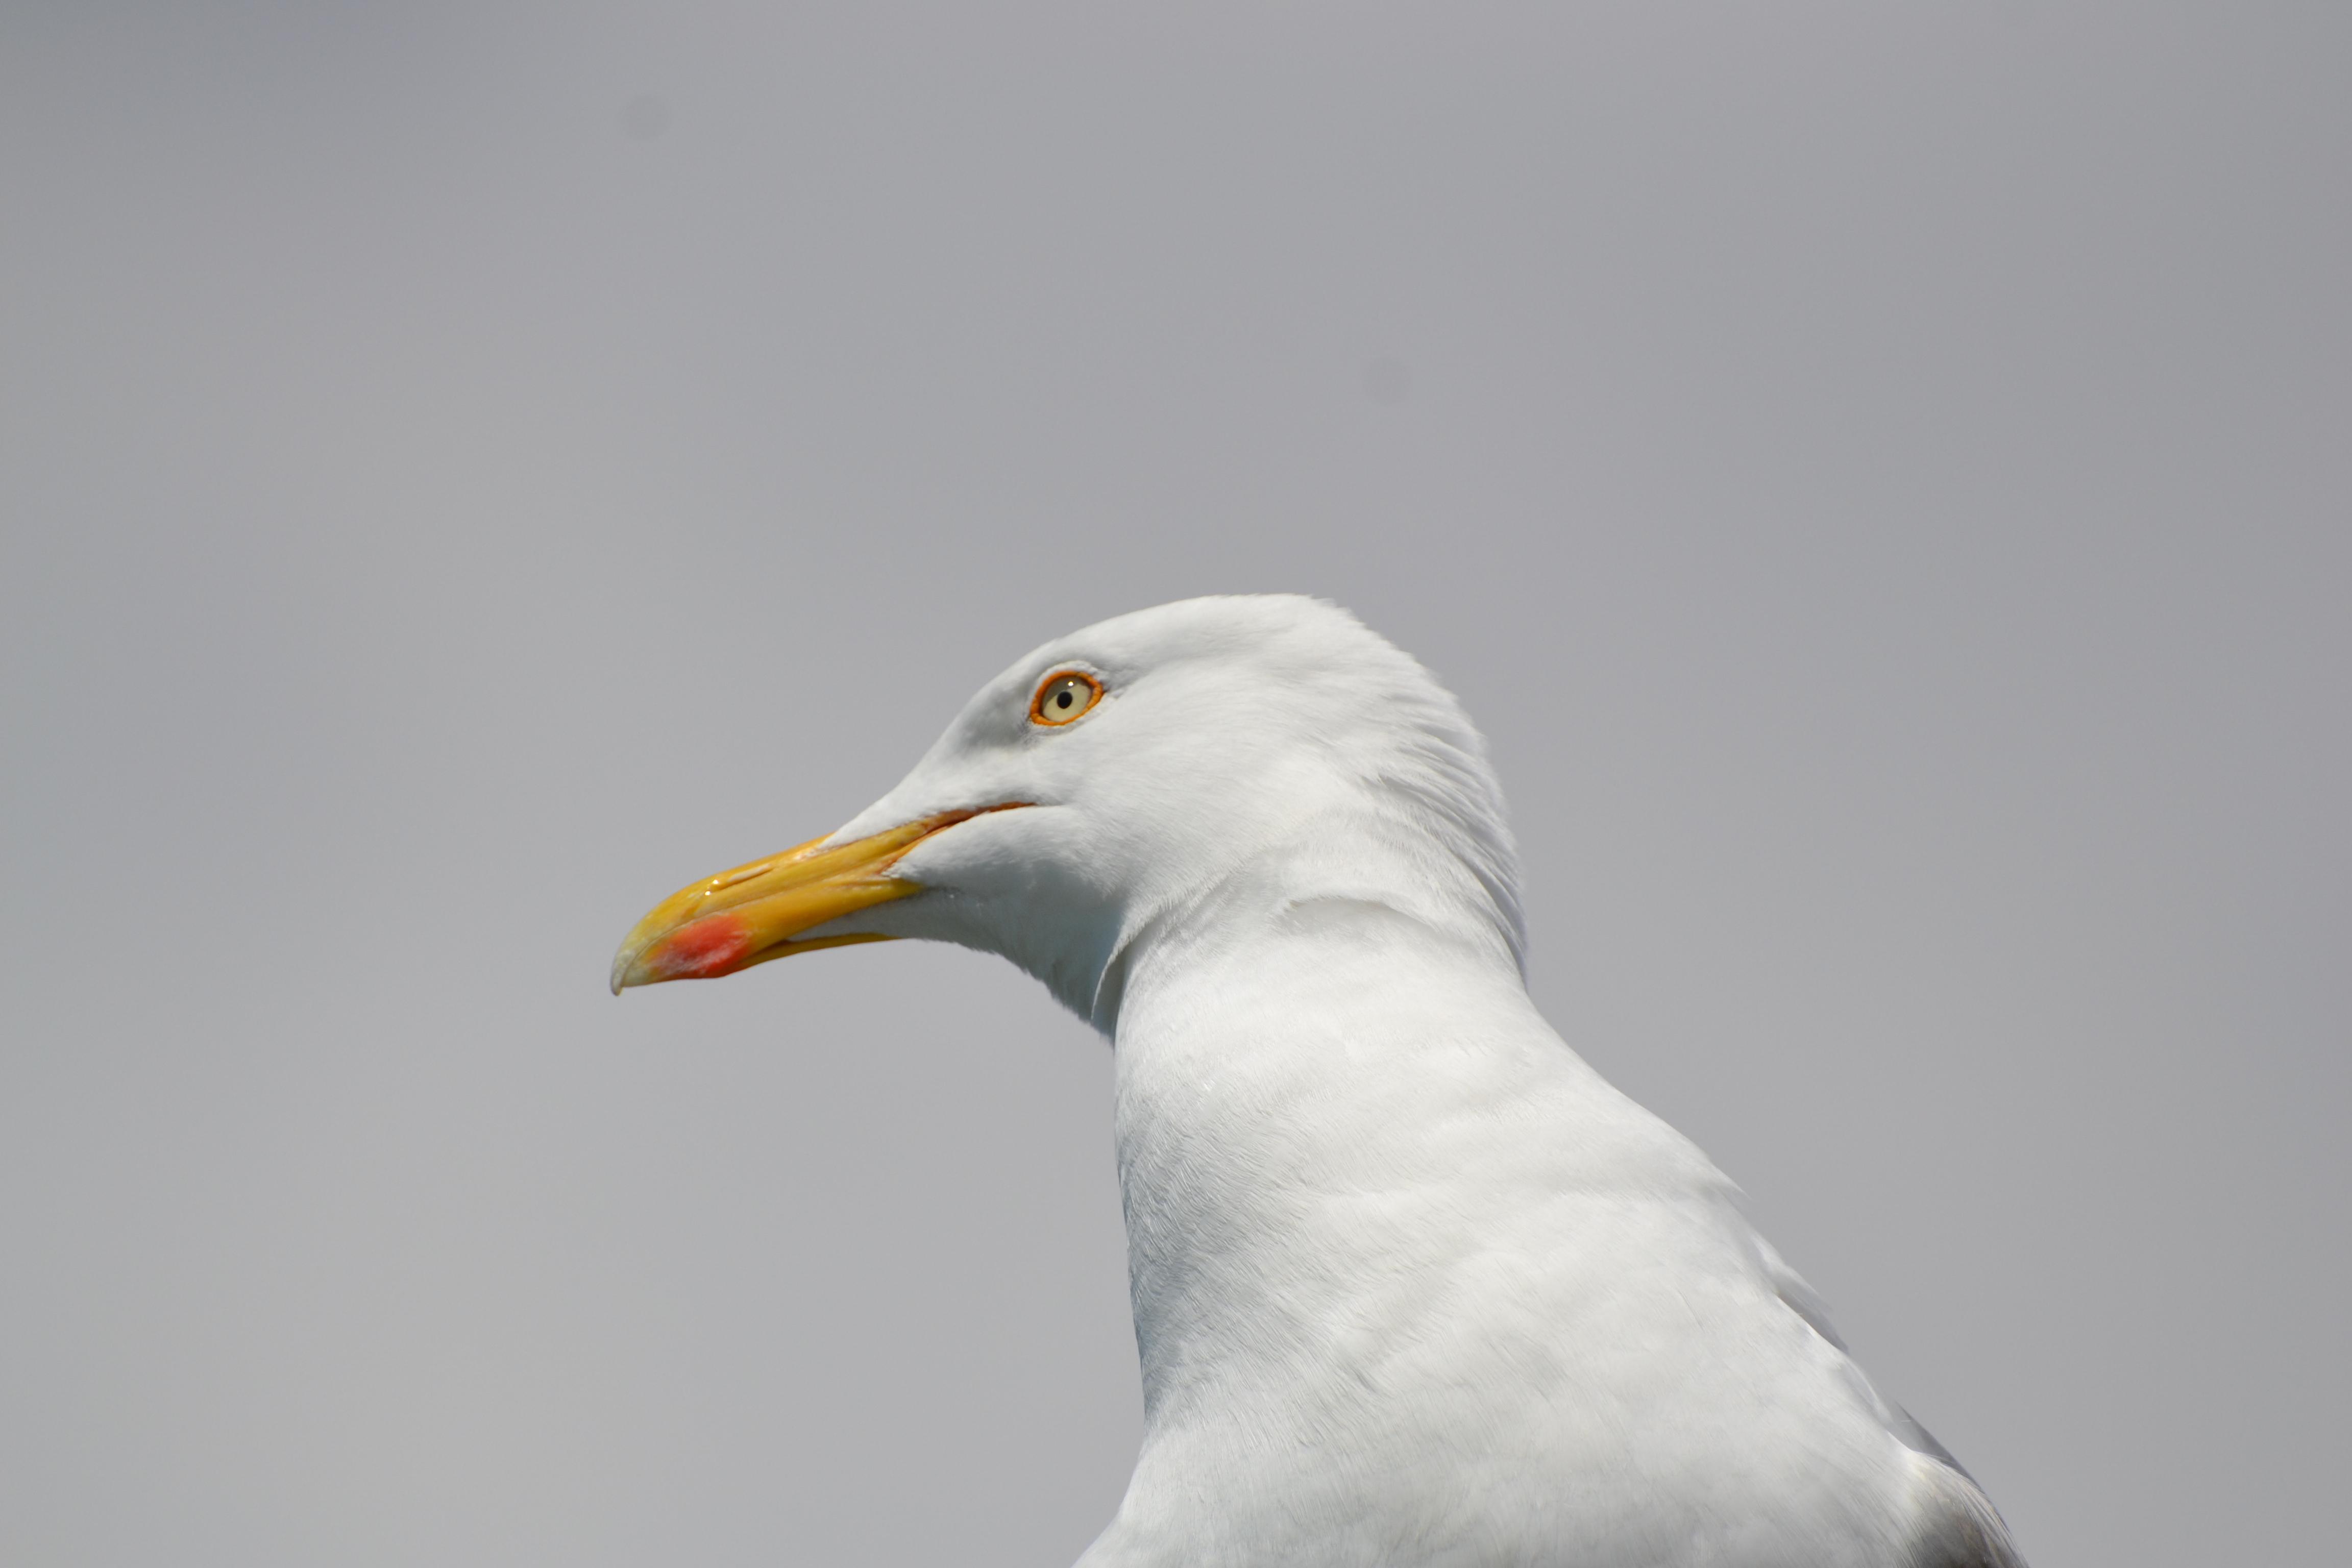 Gull's head